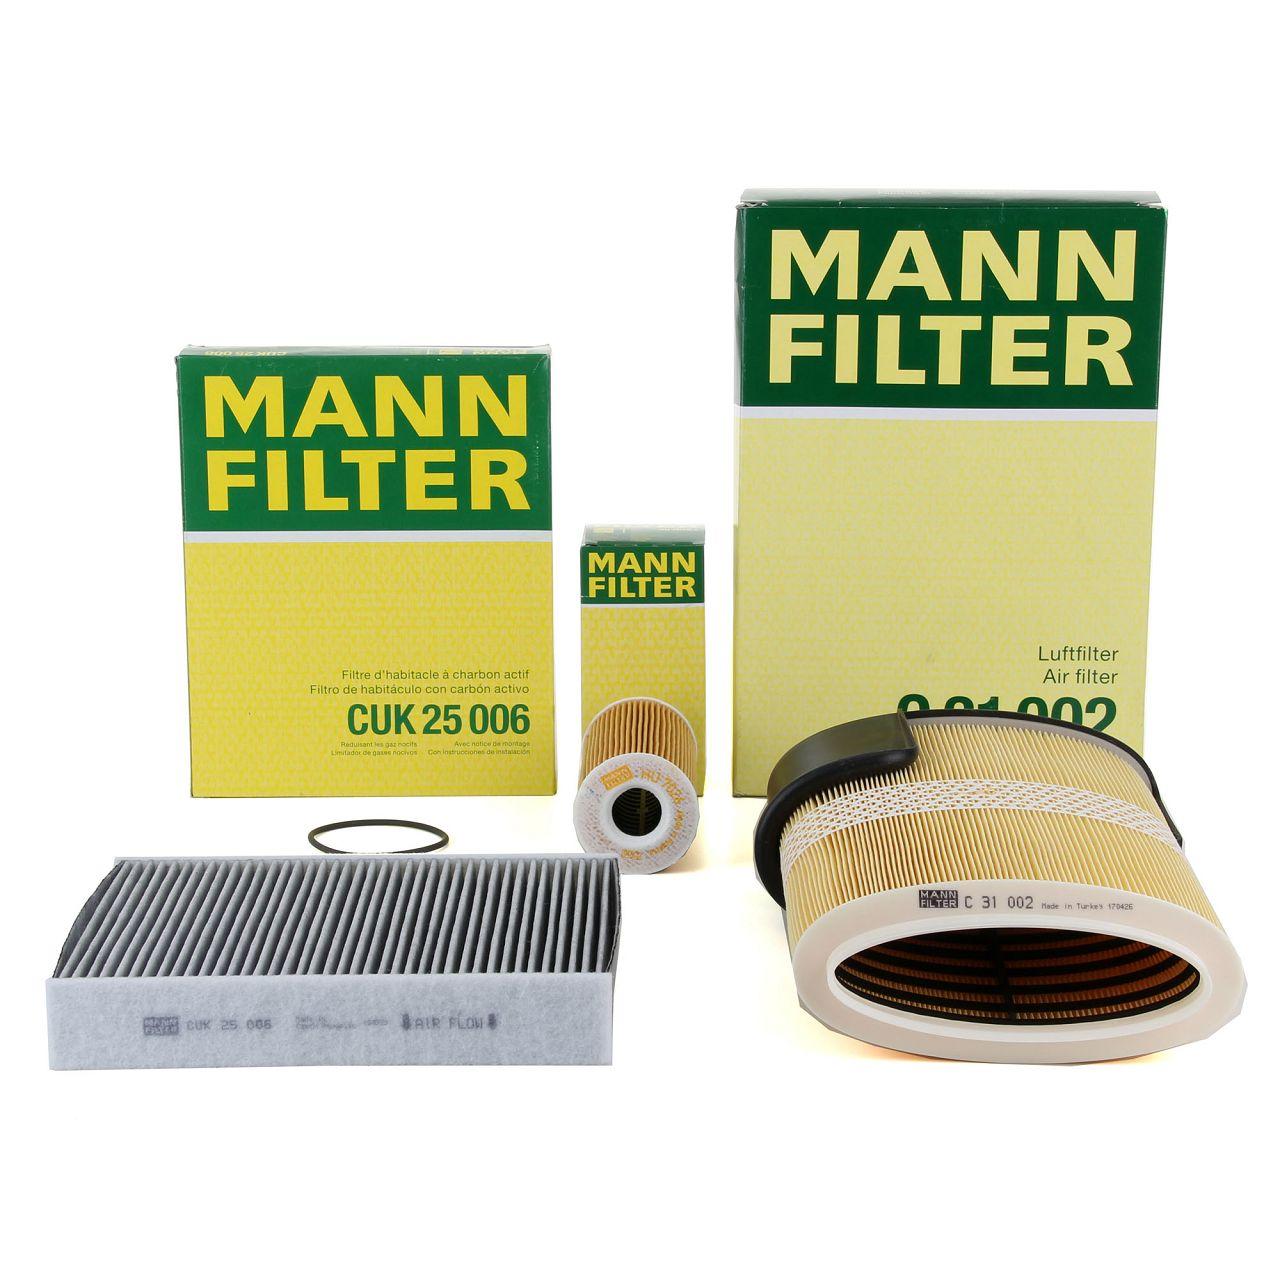 MANN Filterset für PORSCHE BOXSTER CAYMAN (981) 2.7 + S 3.4 + GTS 3.4 + 3.8 GT4